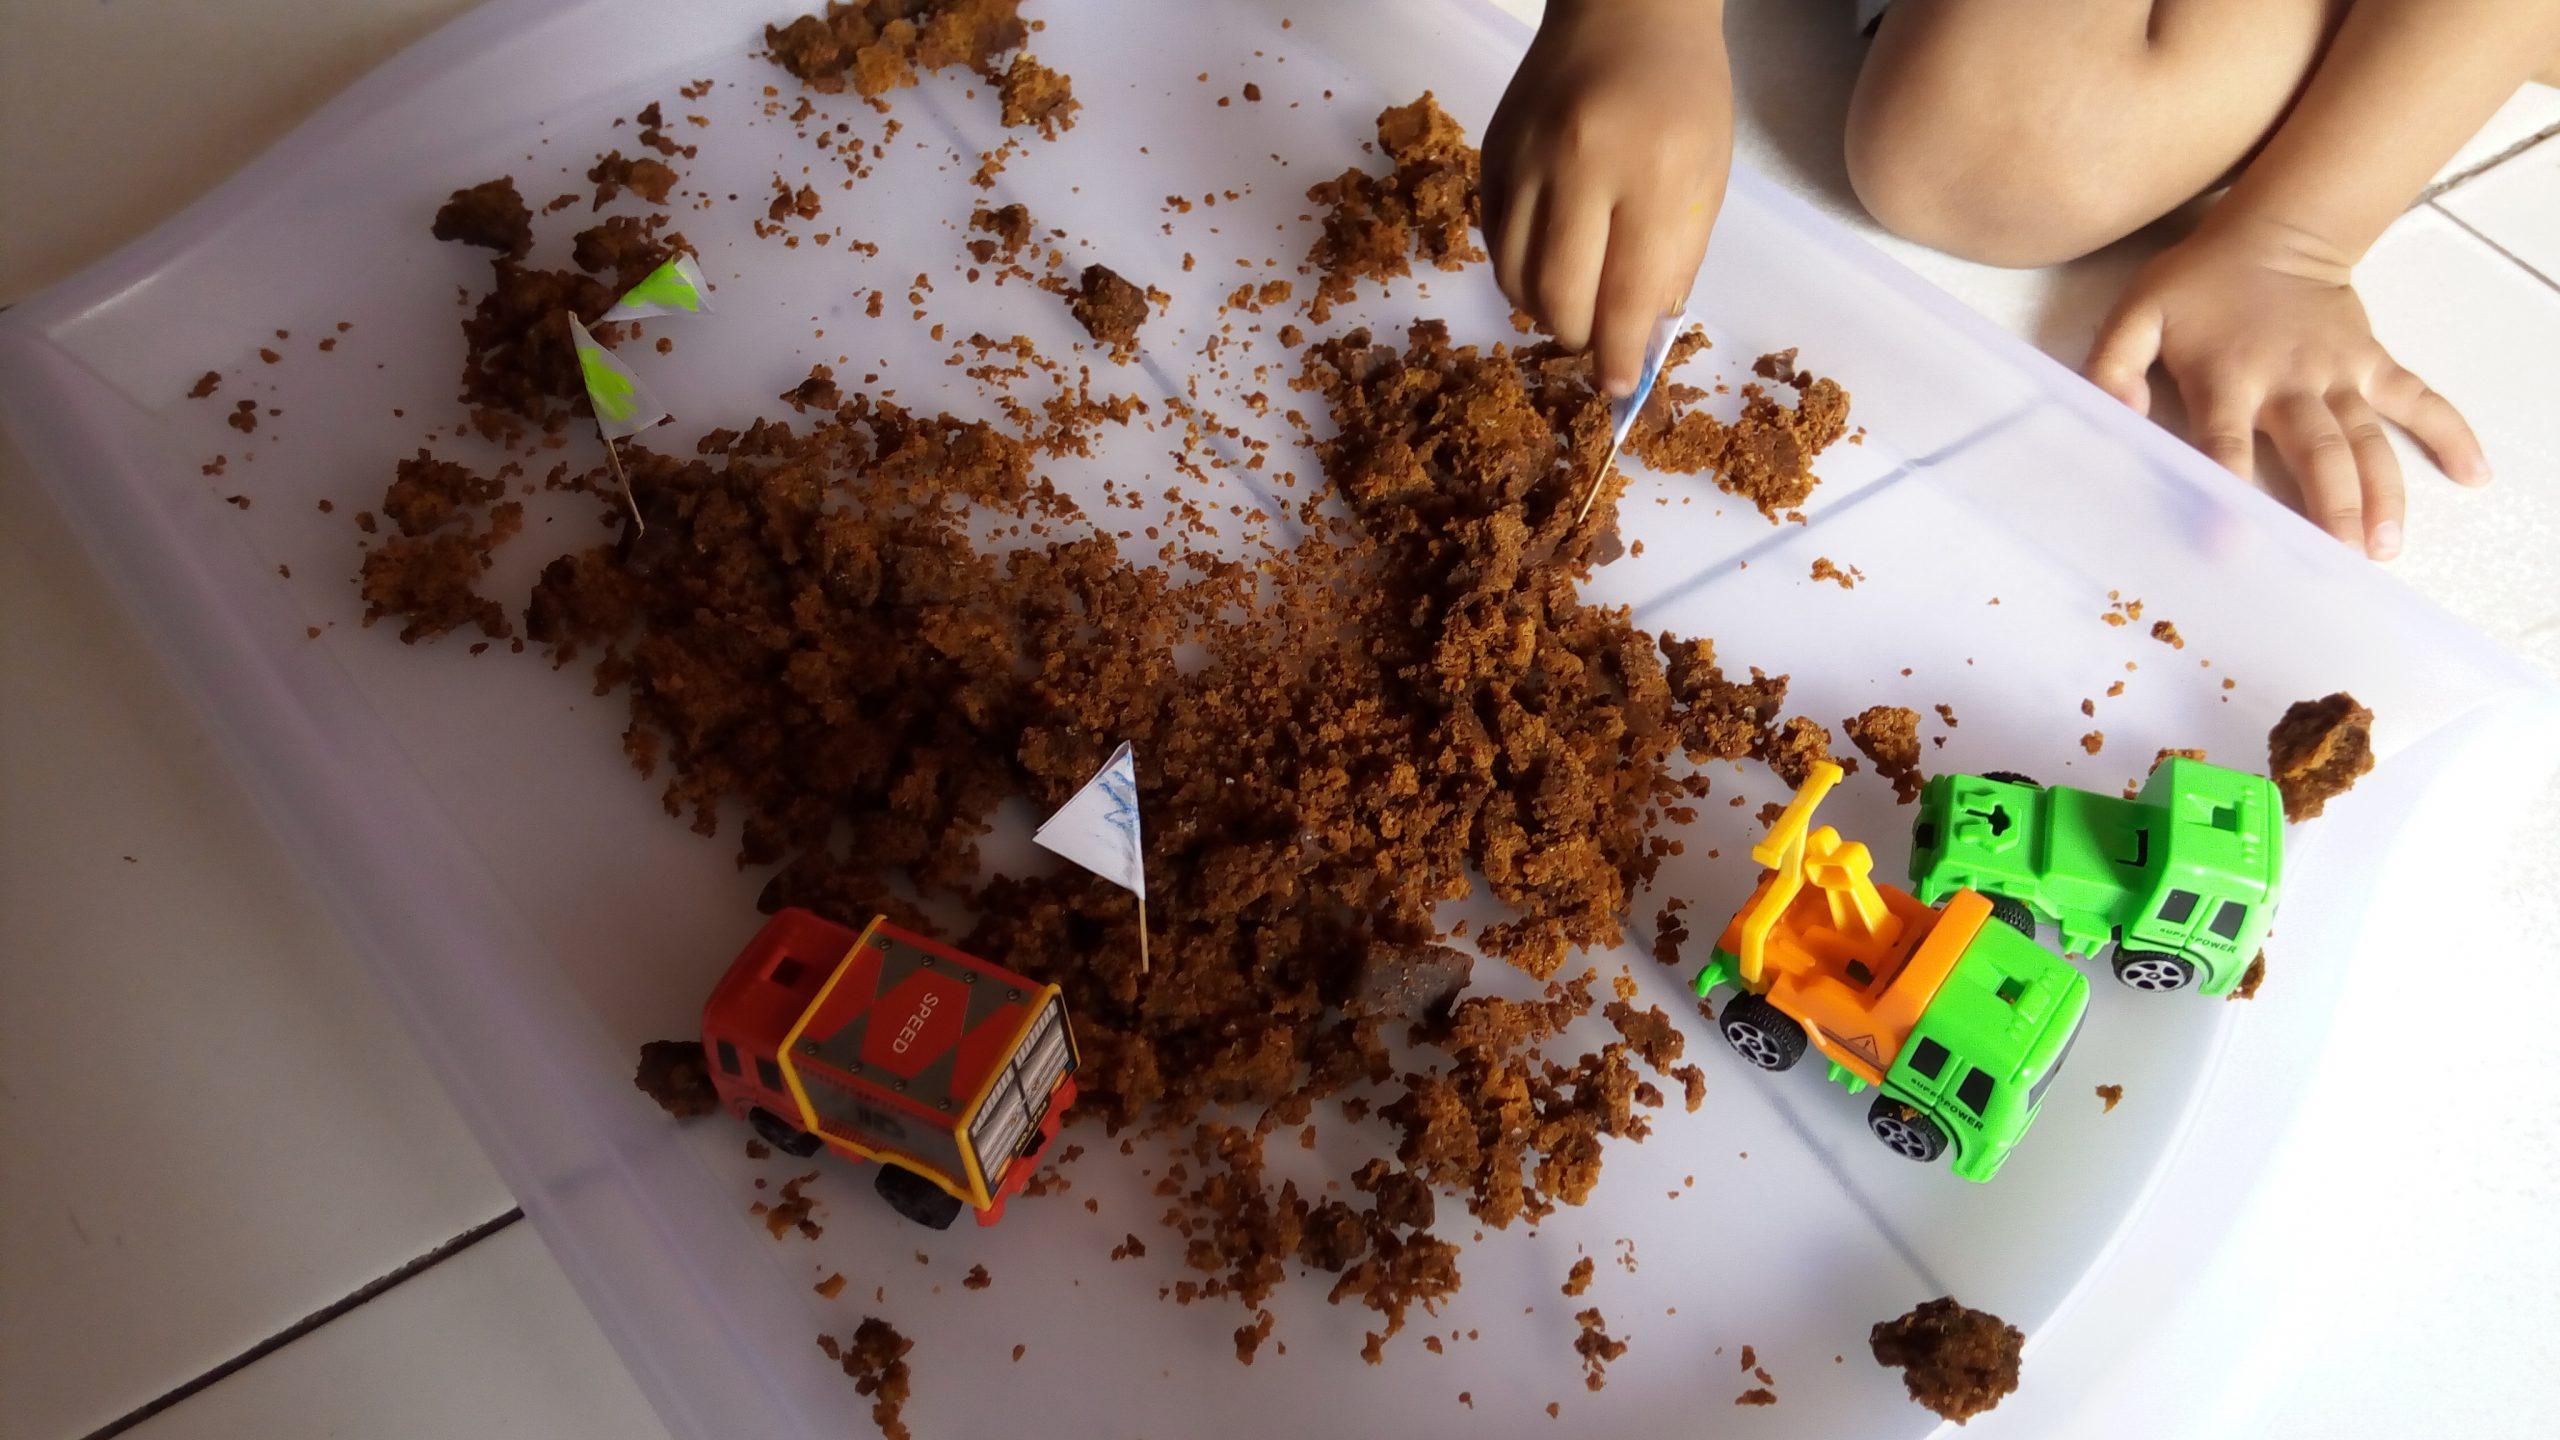 A Happy Soil Sensory Play Day